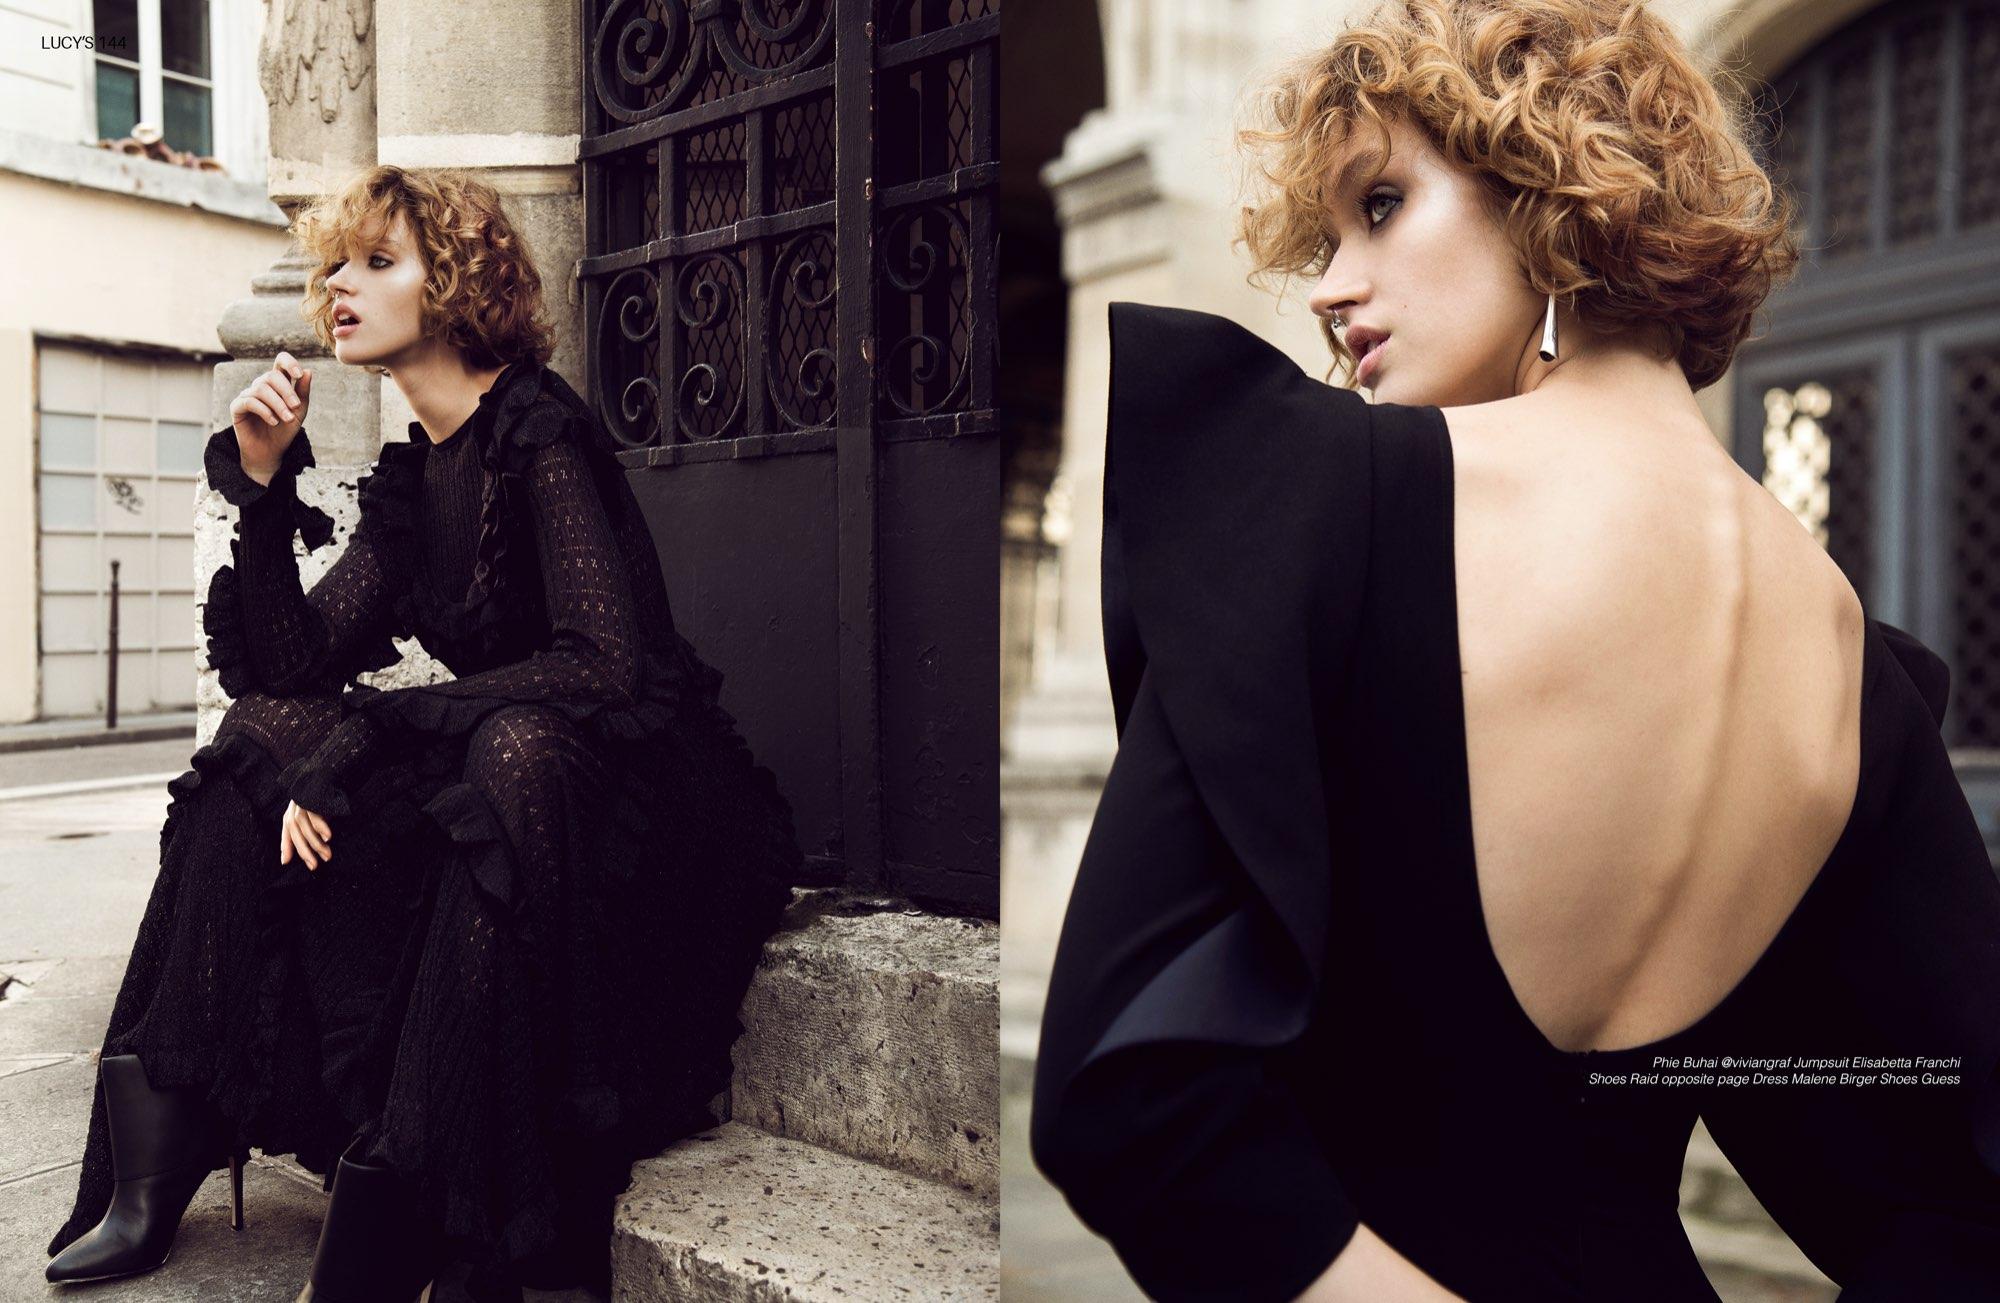 Neues Editorial in Paris von Fabienne & Julia für Lucy's Magazine